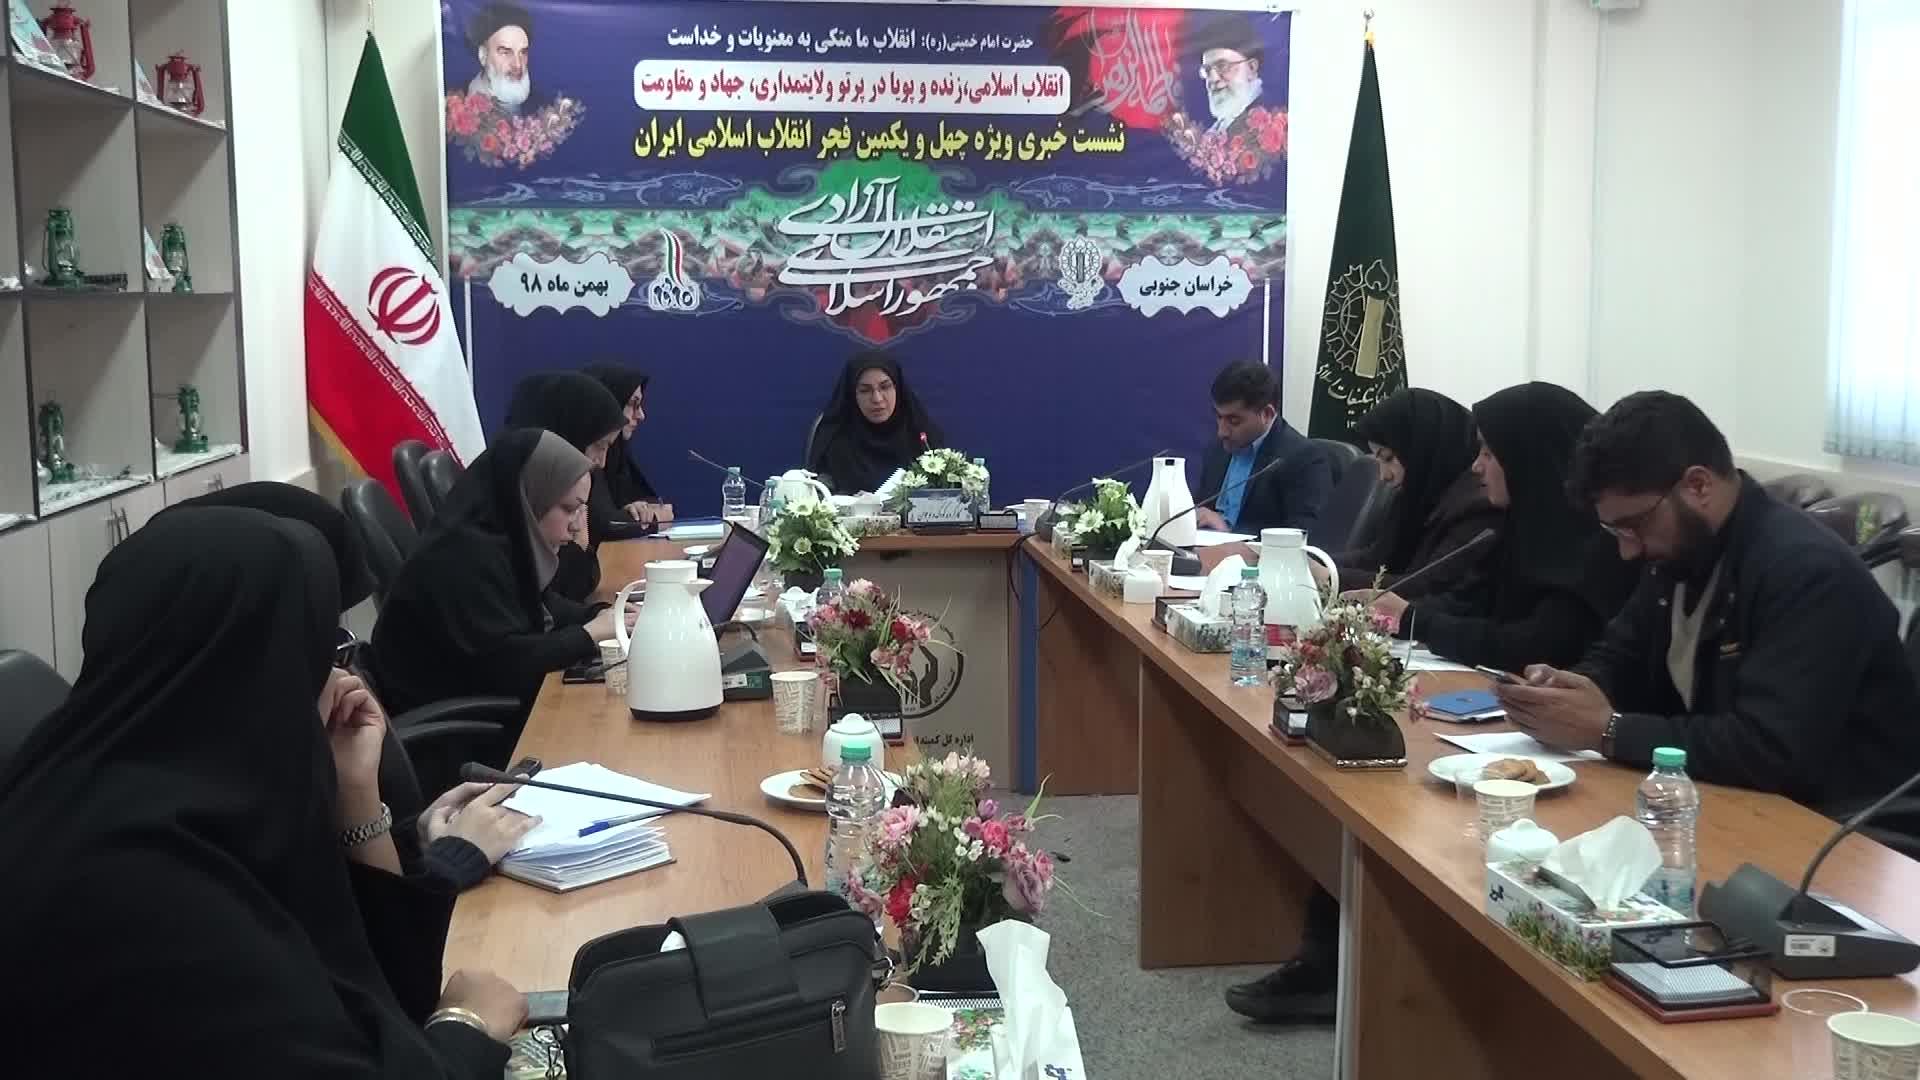 برگزاری صدها عنوان برنامه در حوزههای فرهنگی و اجتماعی دردهه فجر